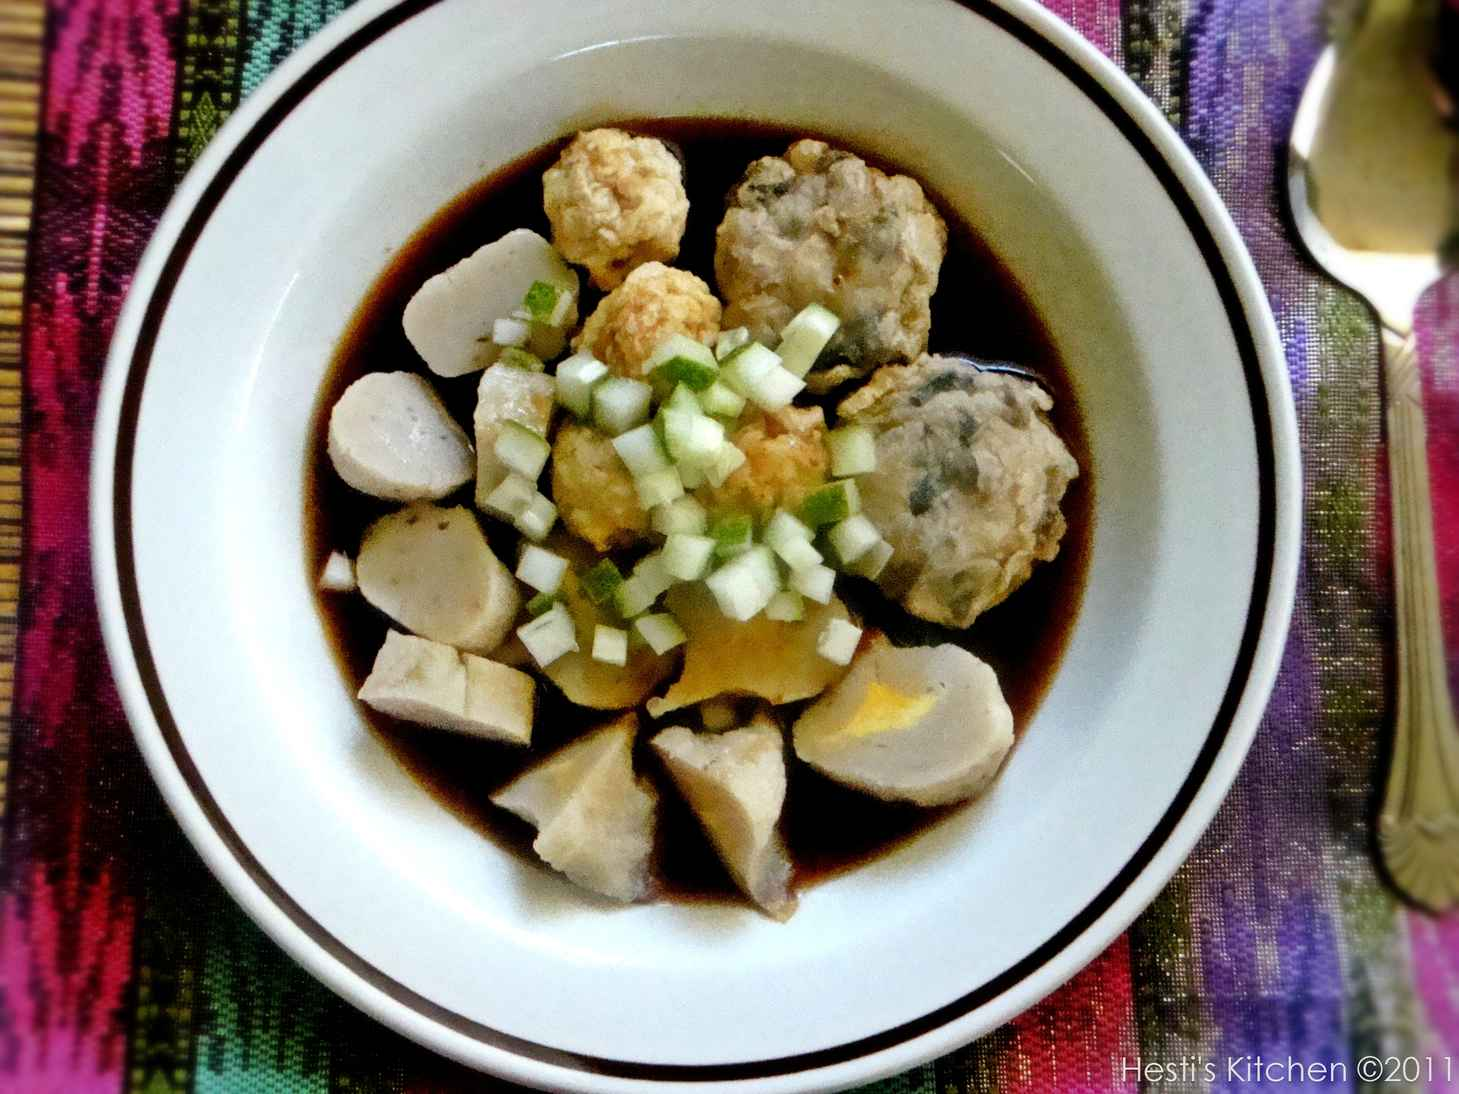 HESTI'S KITCHEN : yummy for your tummy: Empek-empek